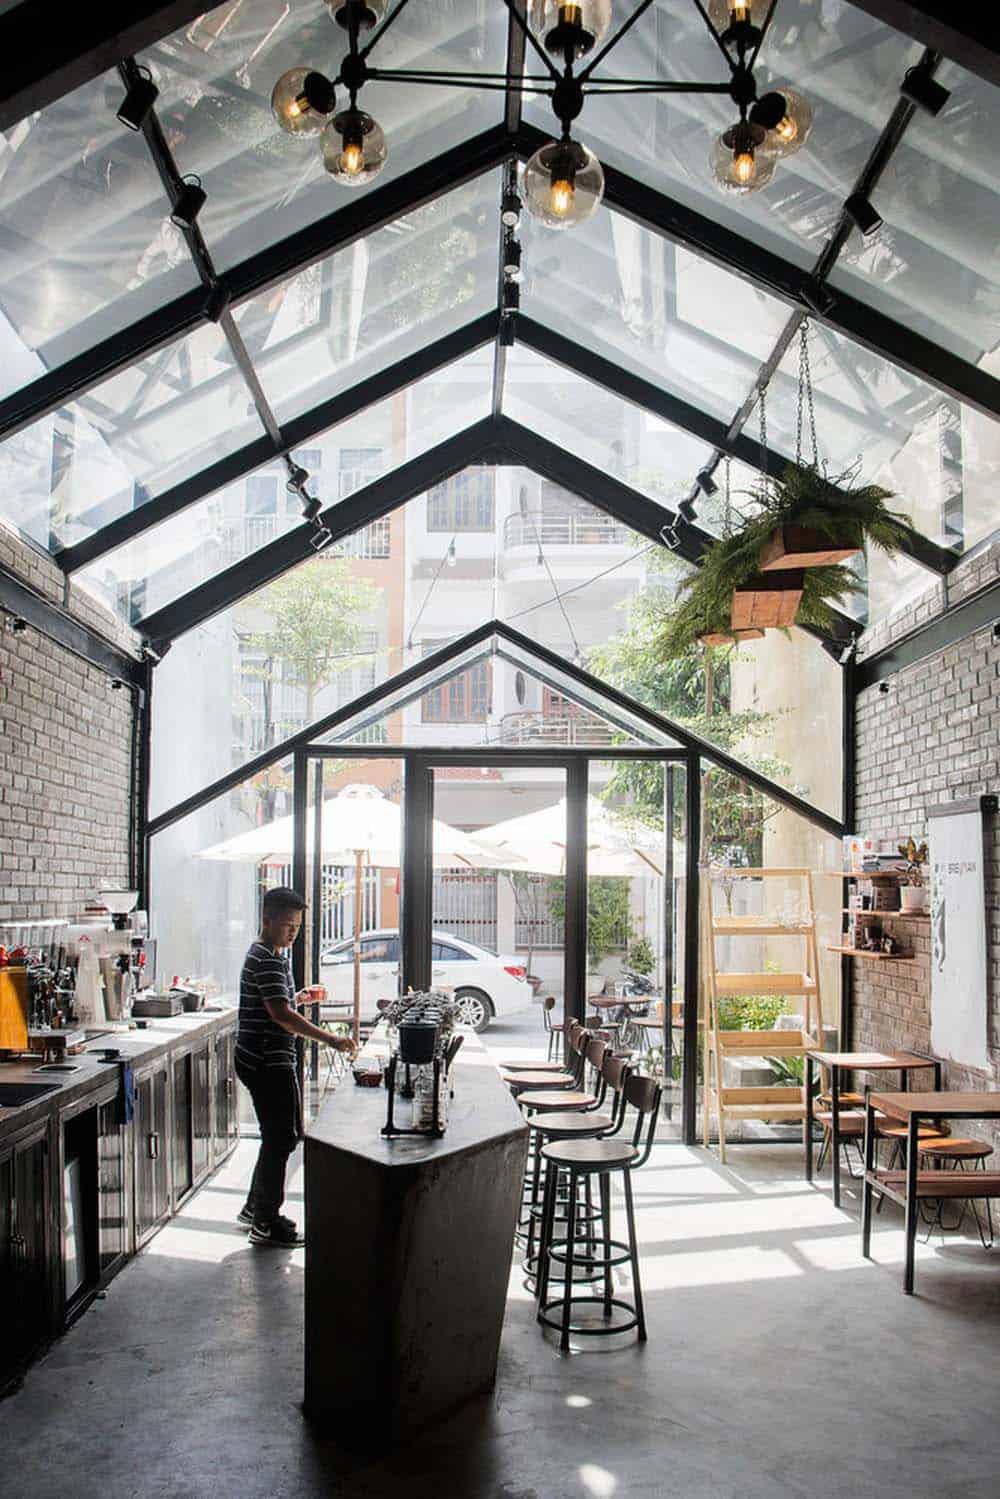 Thiết kế quán cafe 1 tầng nhà ống hiện đại